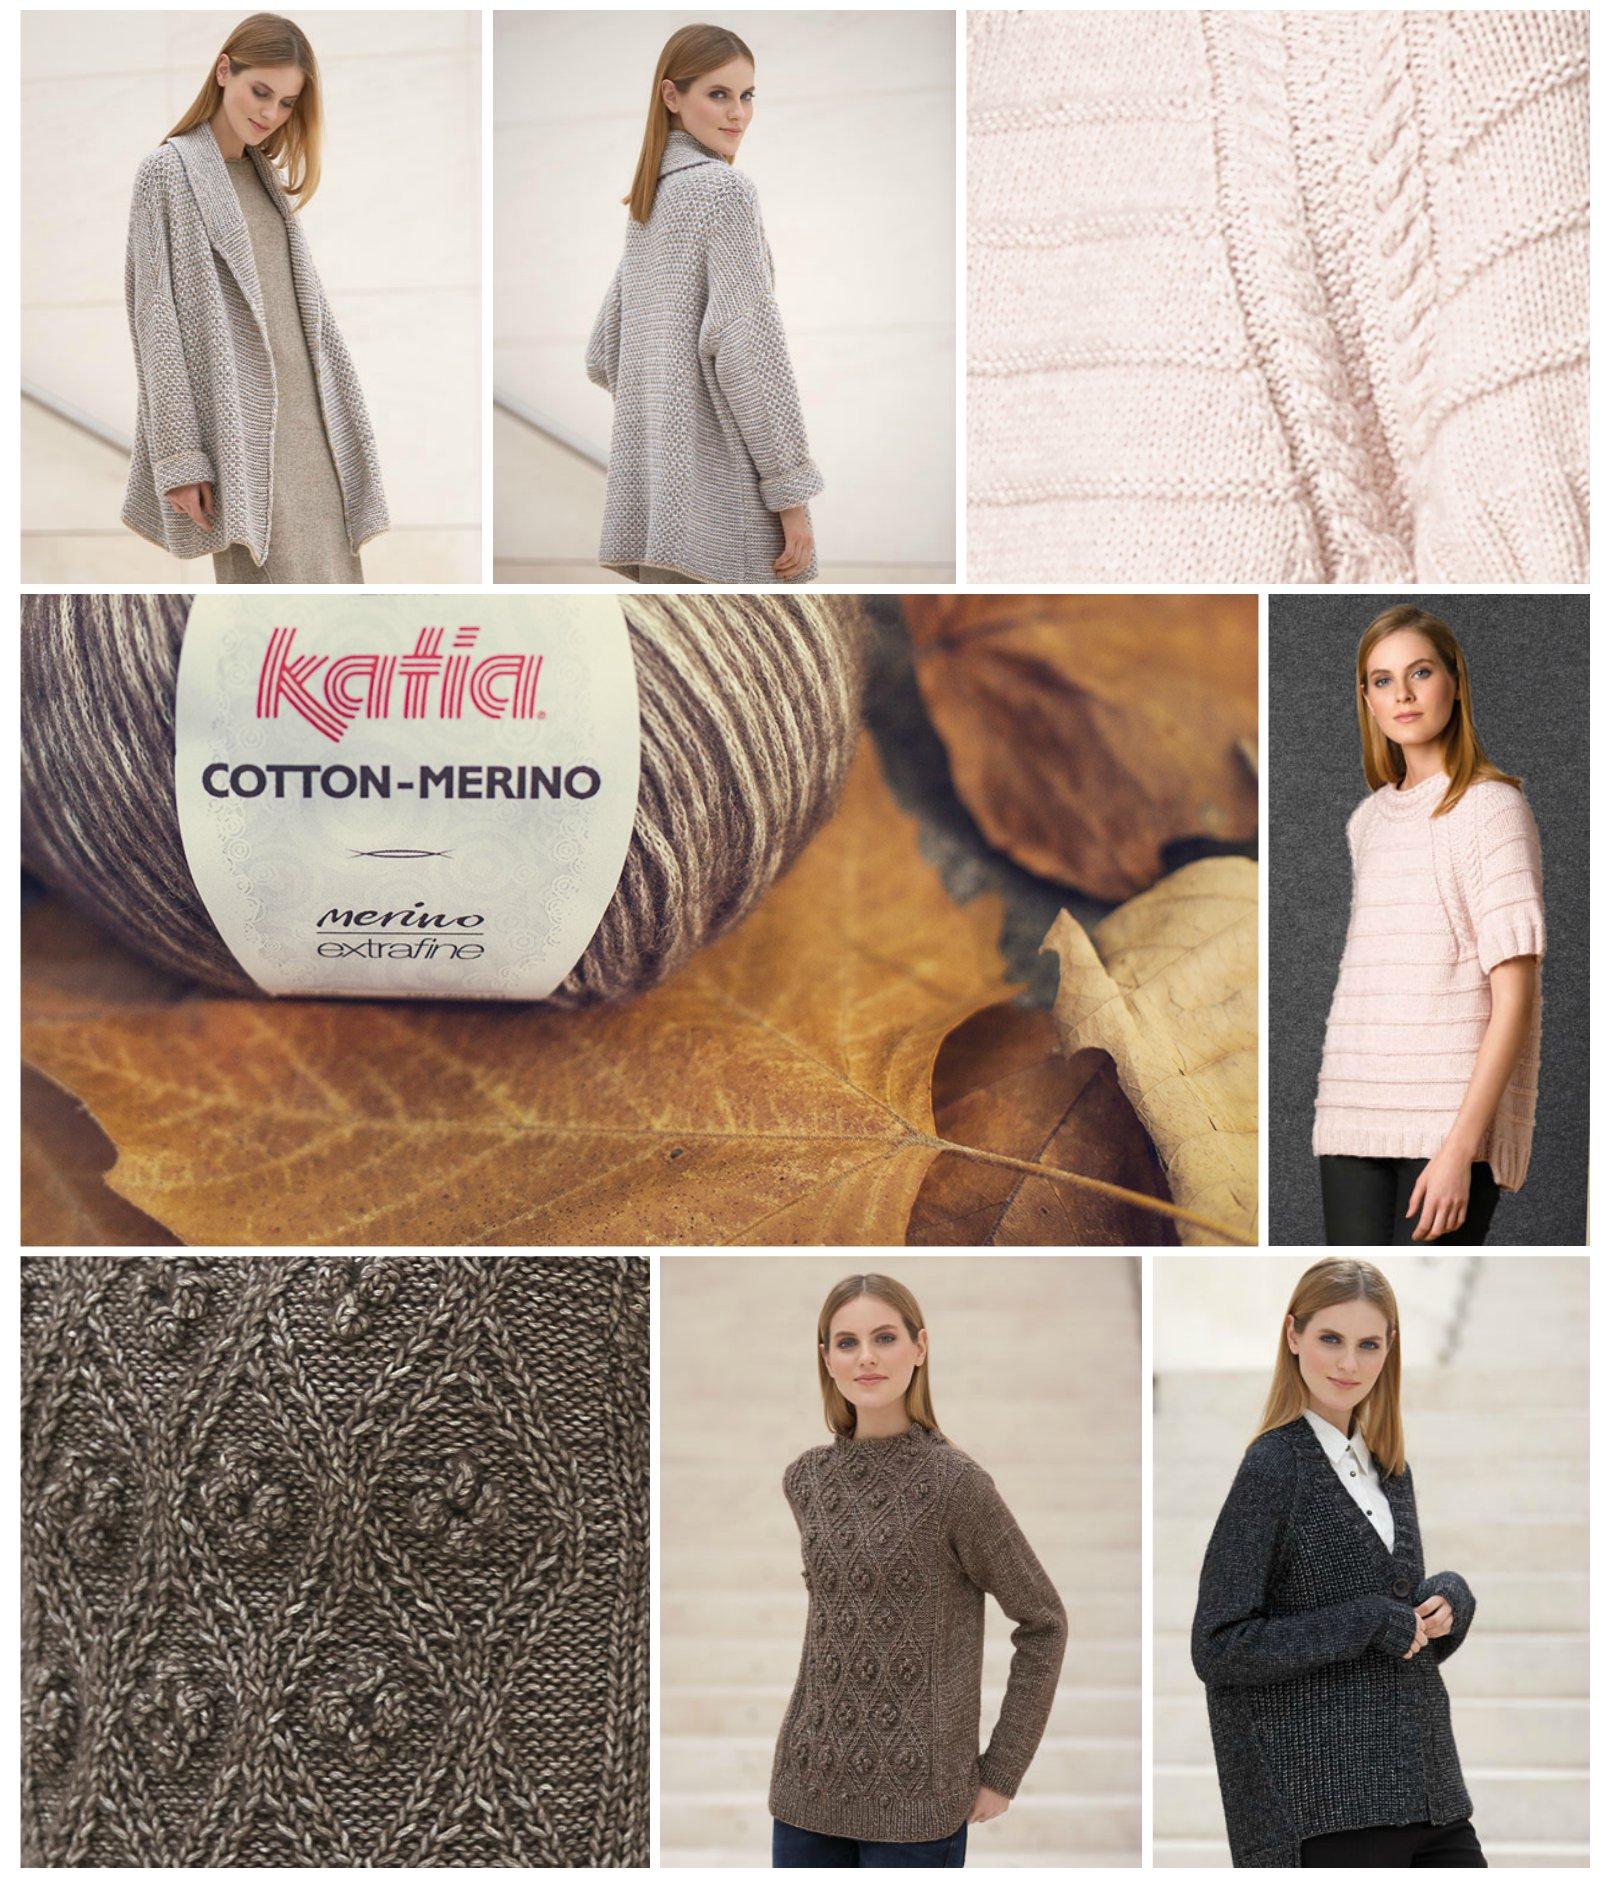 Katia Concept 45 Modelli Ai Ferri Con Una Differente Concezione